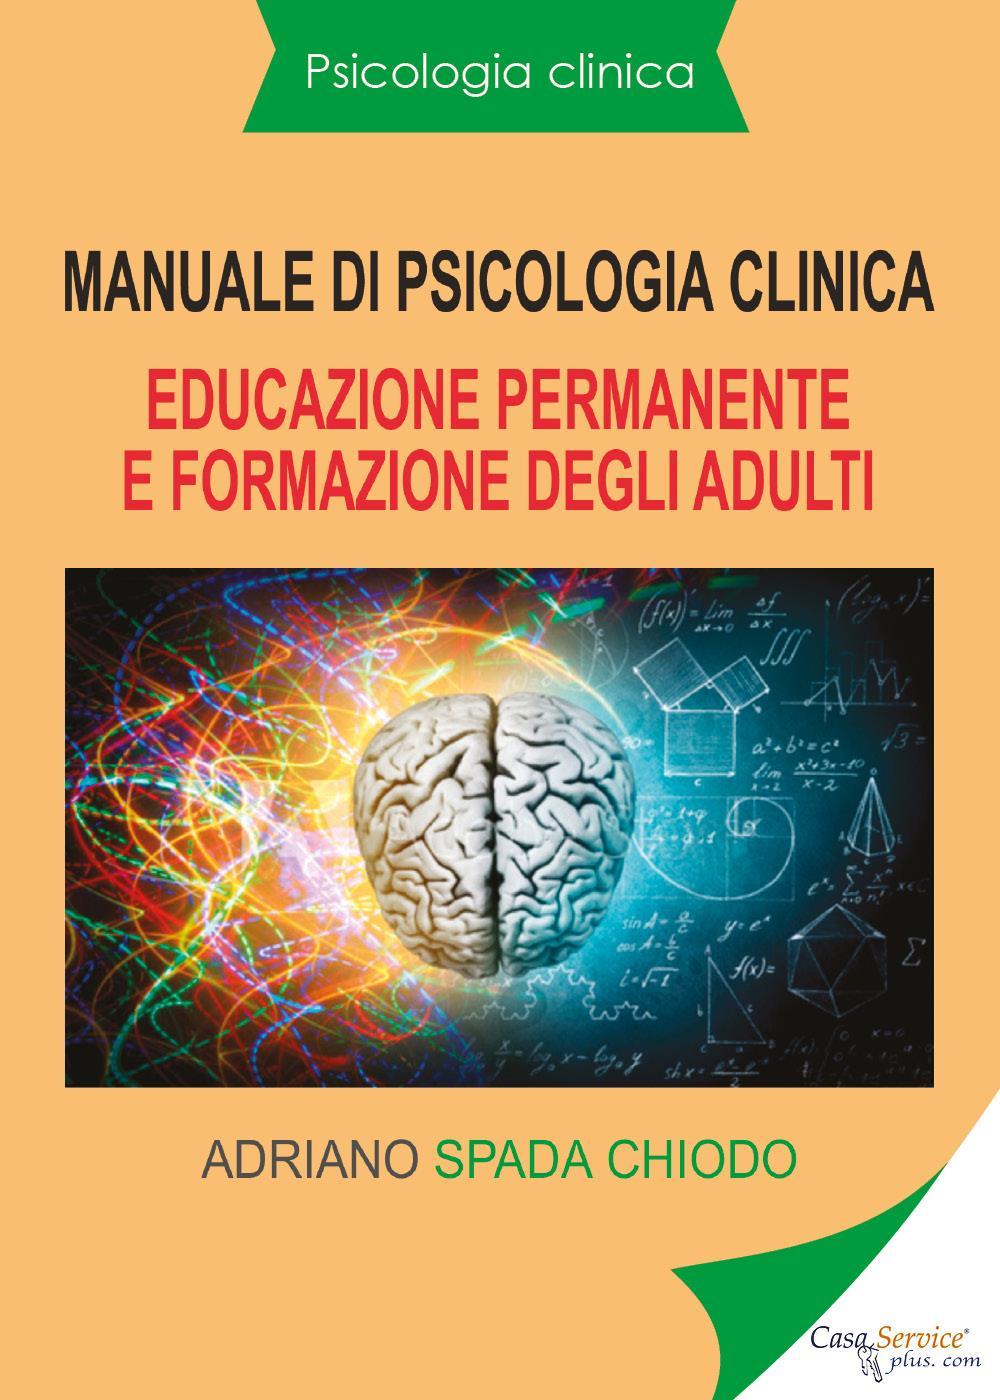 Psicologia clinica - Manuale di psicologia clinica - Educazione permanente e formazione degli adulti